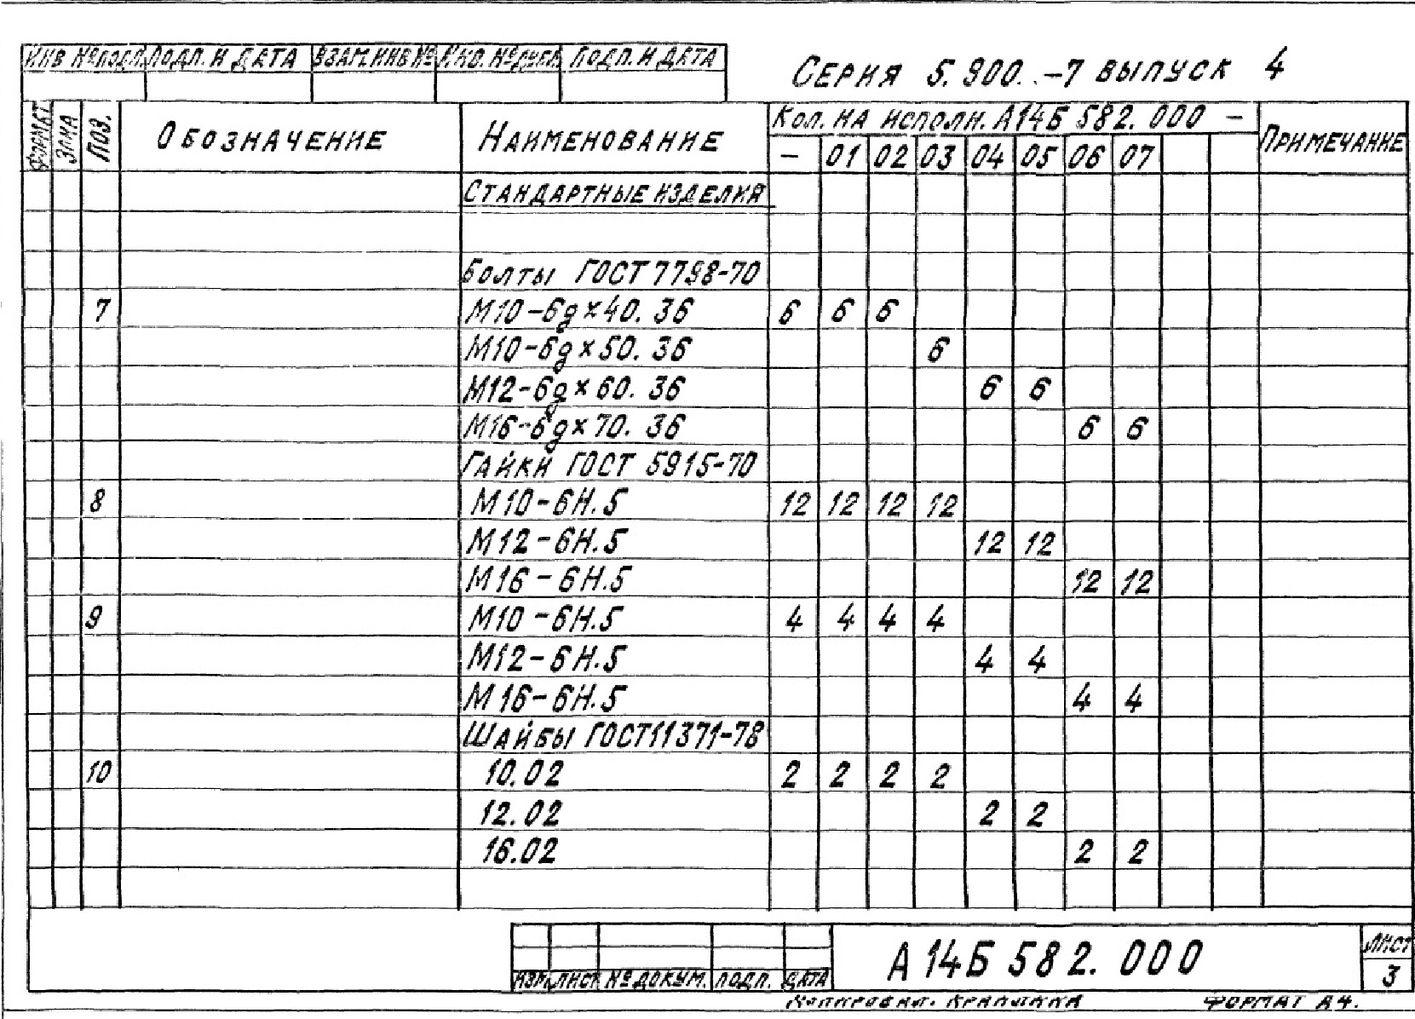 Опора подвесная А14Б 582.000 СБ Серия 5.900-7 выпуск 4 стр.3